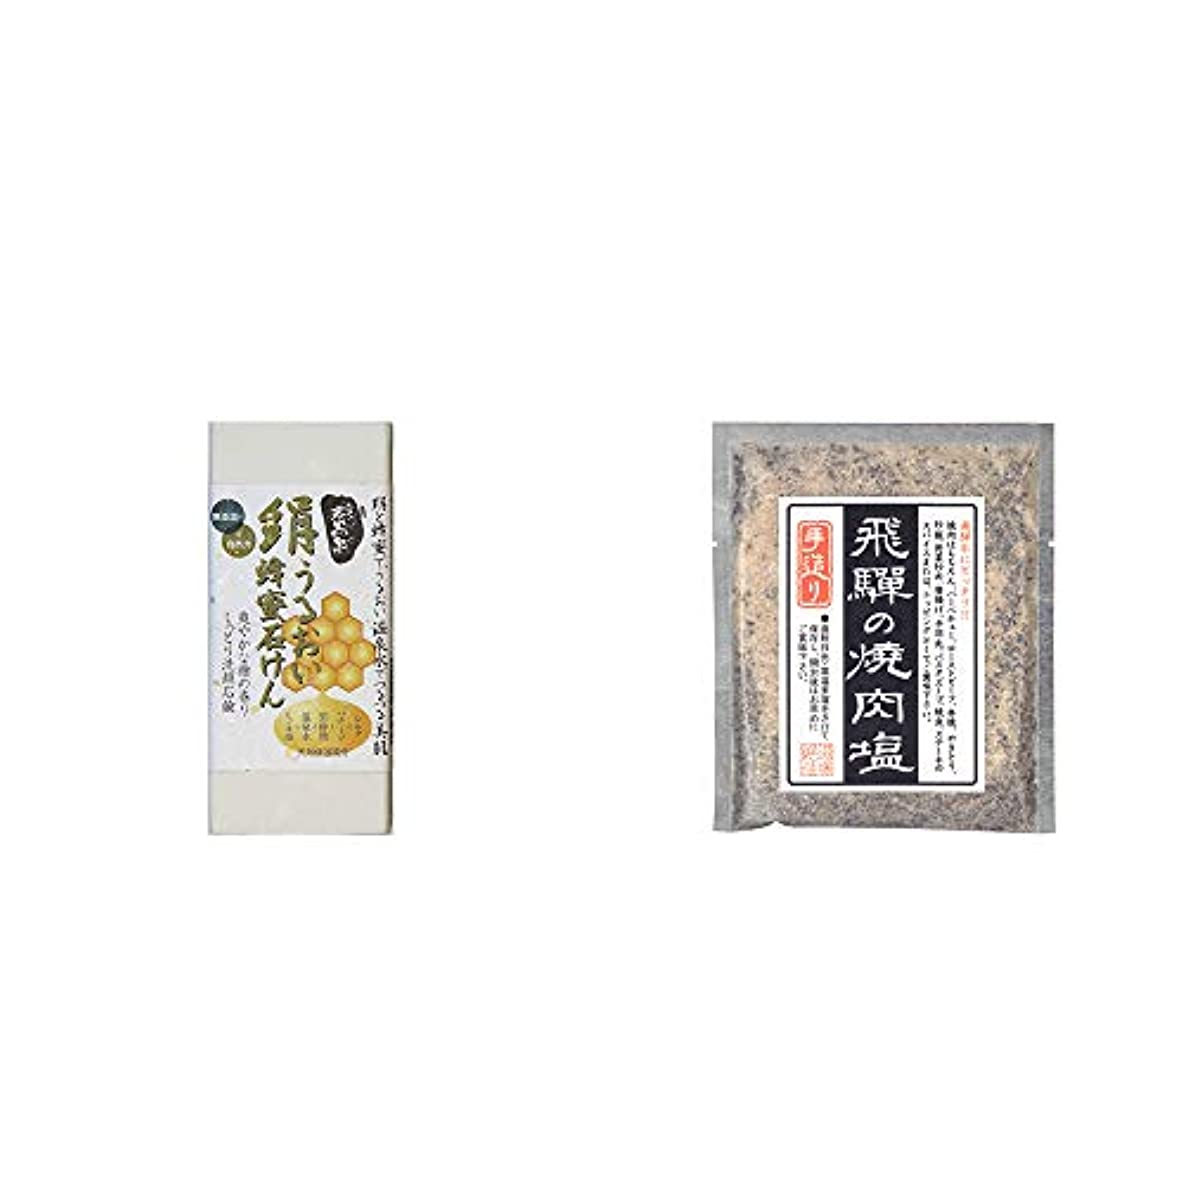 [2点セット] ひのき炭黒泉 絹うるおい蜂蜜石けん(75g×2)?手造り 飛騨の焼肉塩(80g)